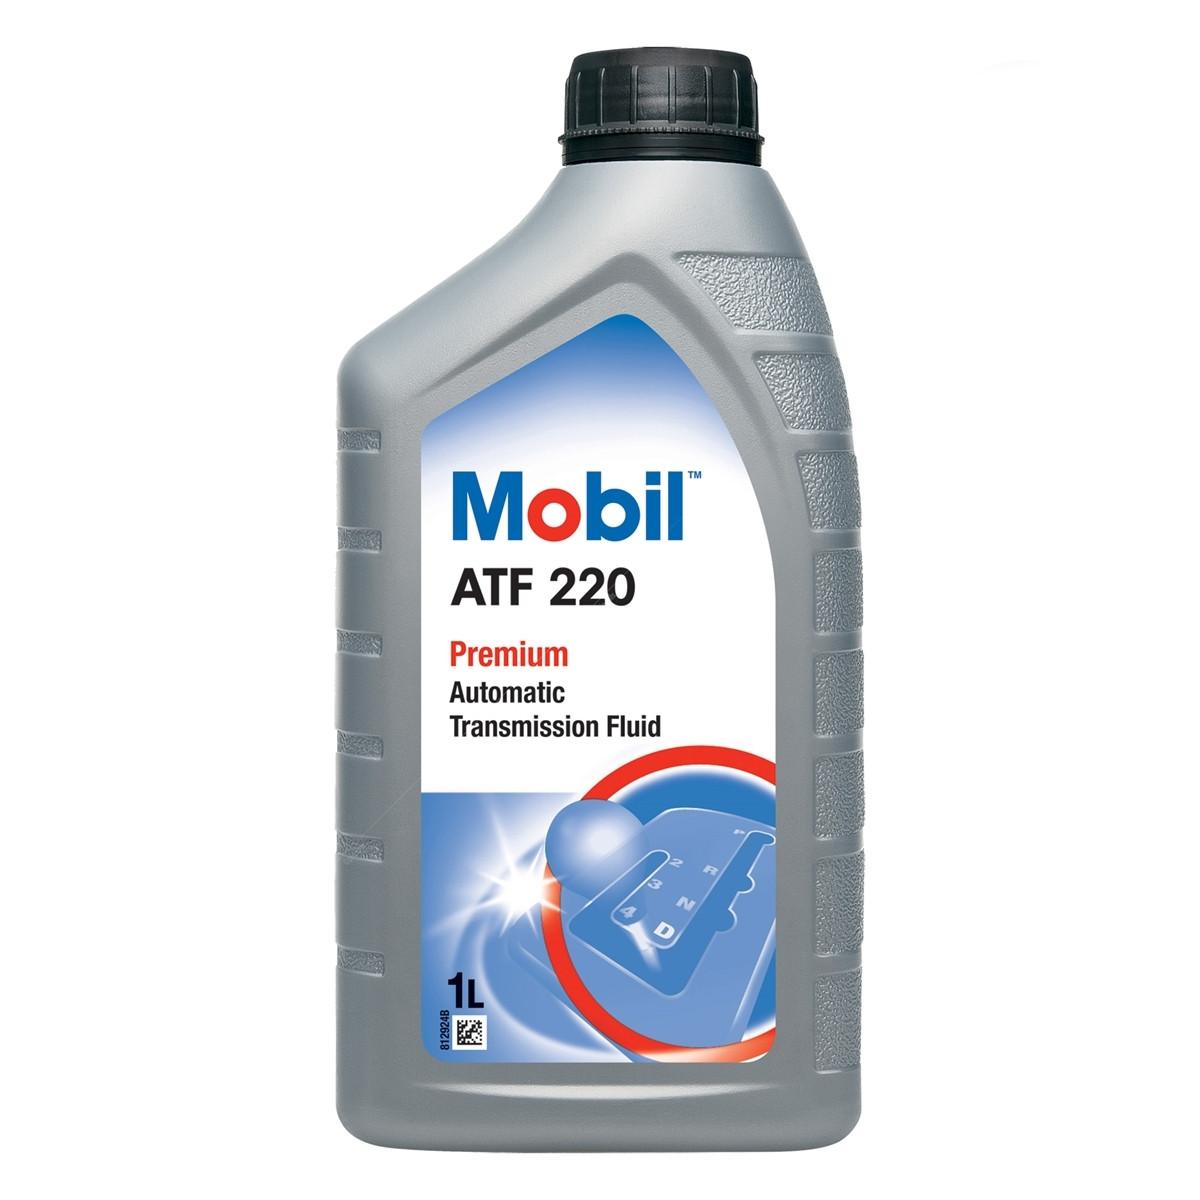 mobil-atf-220-1l.jpeg